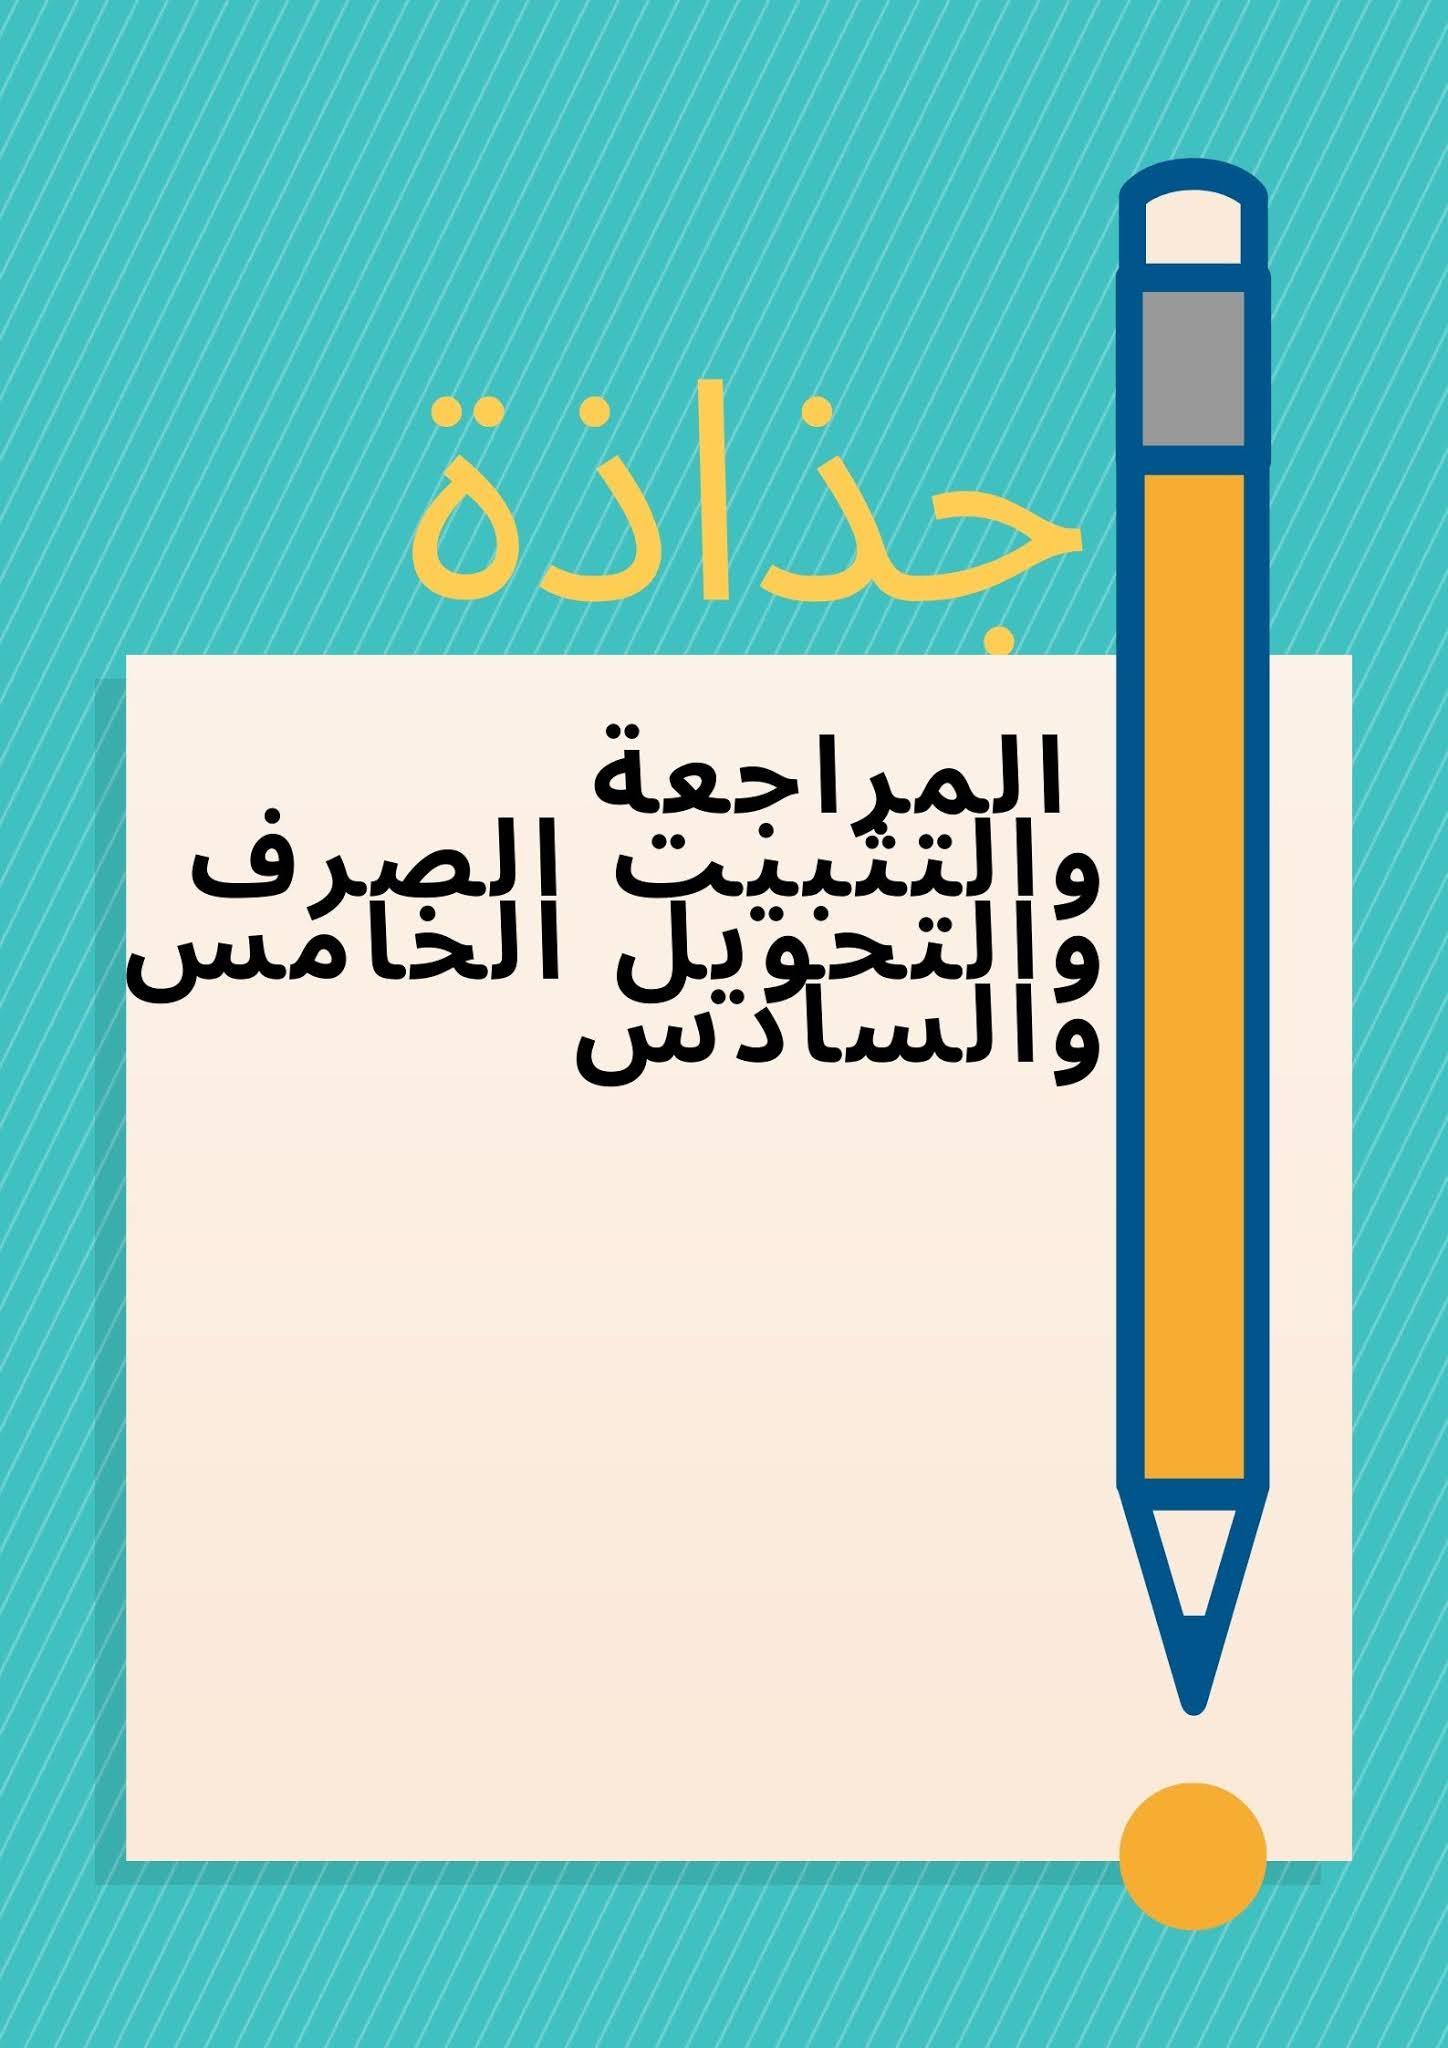 جذاذ المراجعة والتثبيت الصرف والتحويل للمستوى الخامس والسادس word و pdf